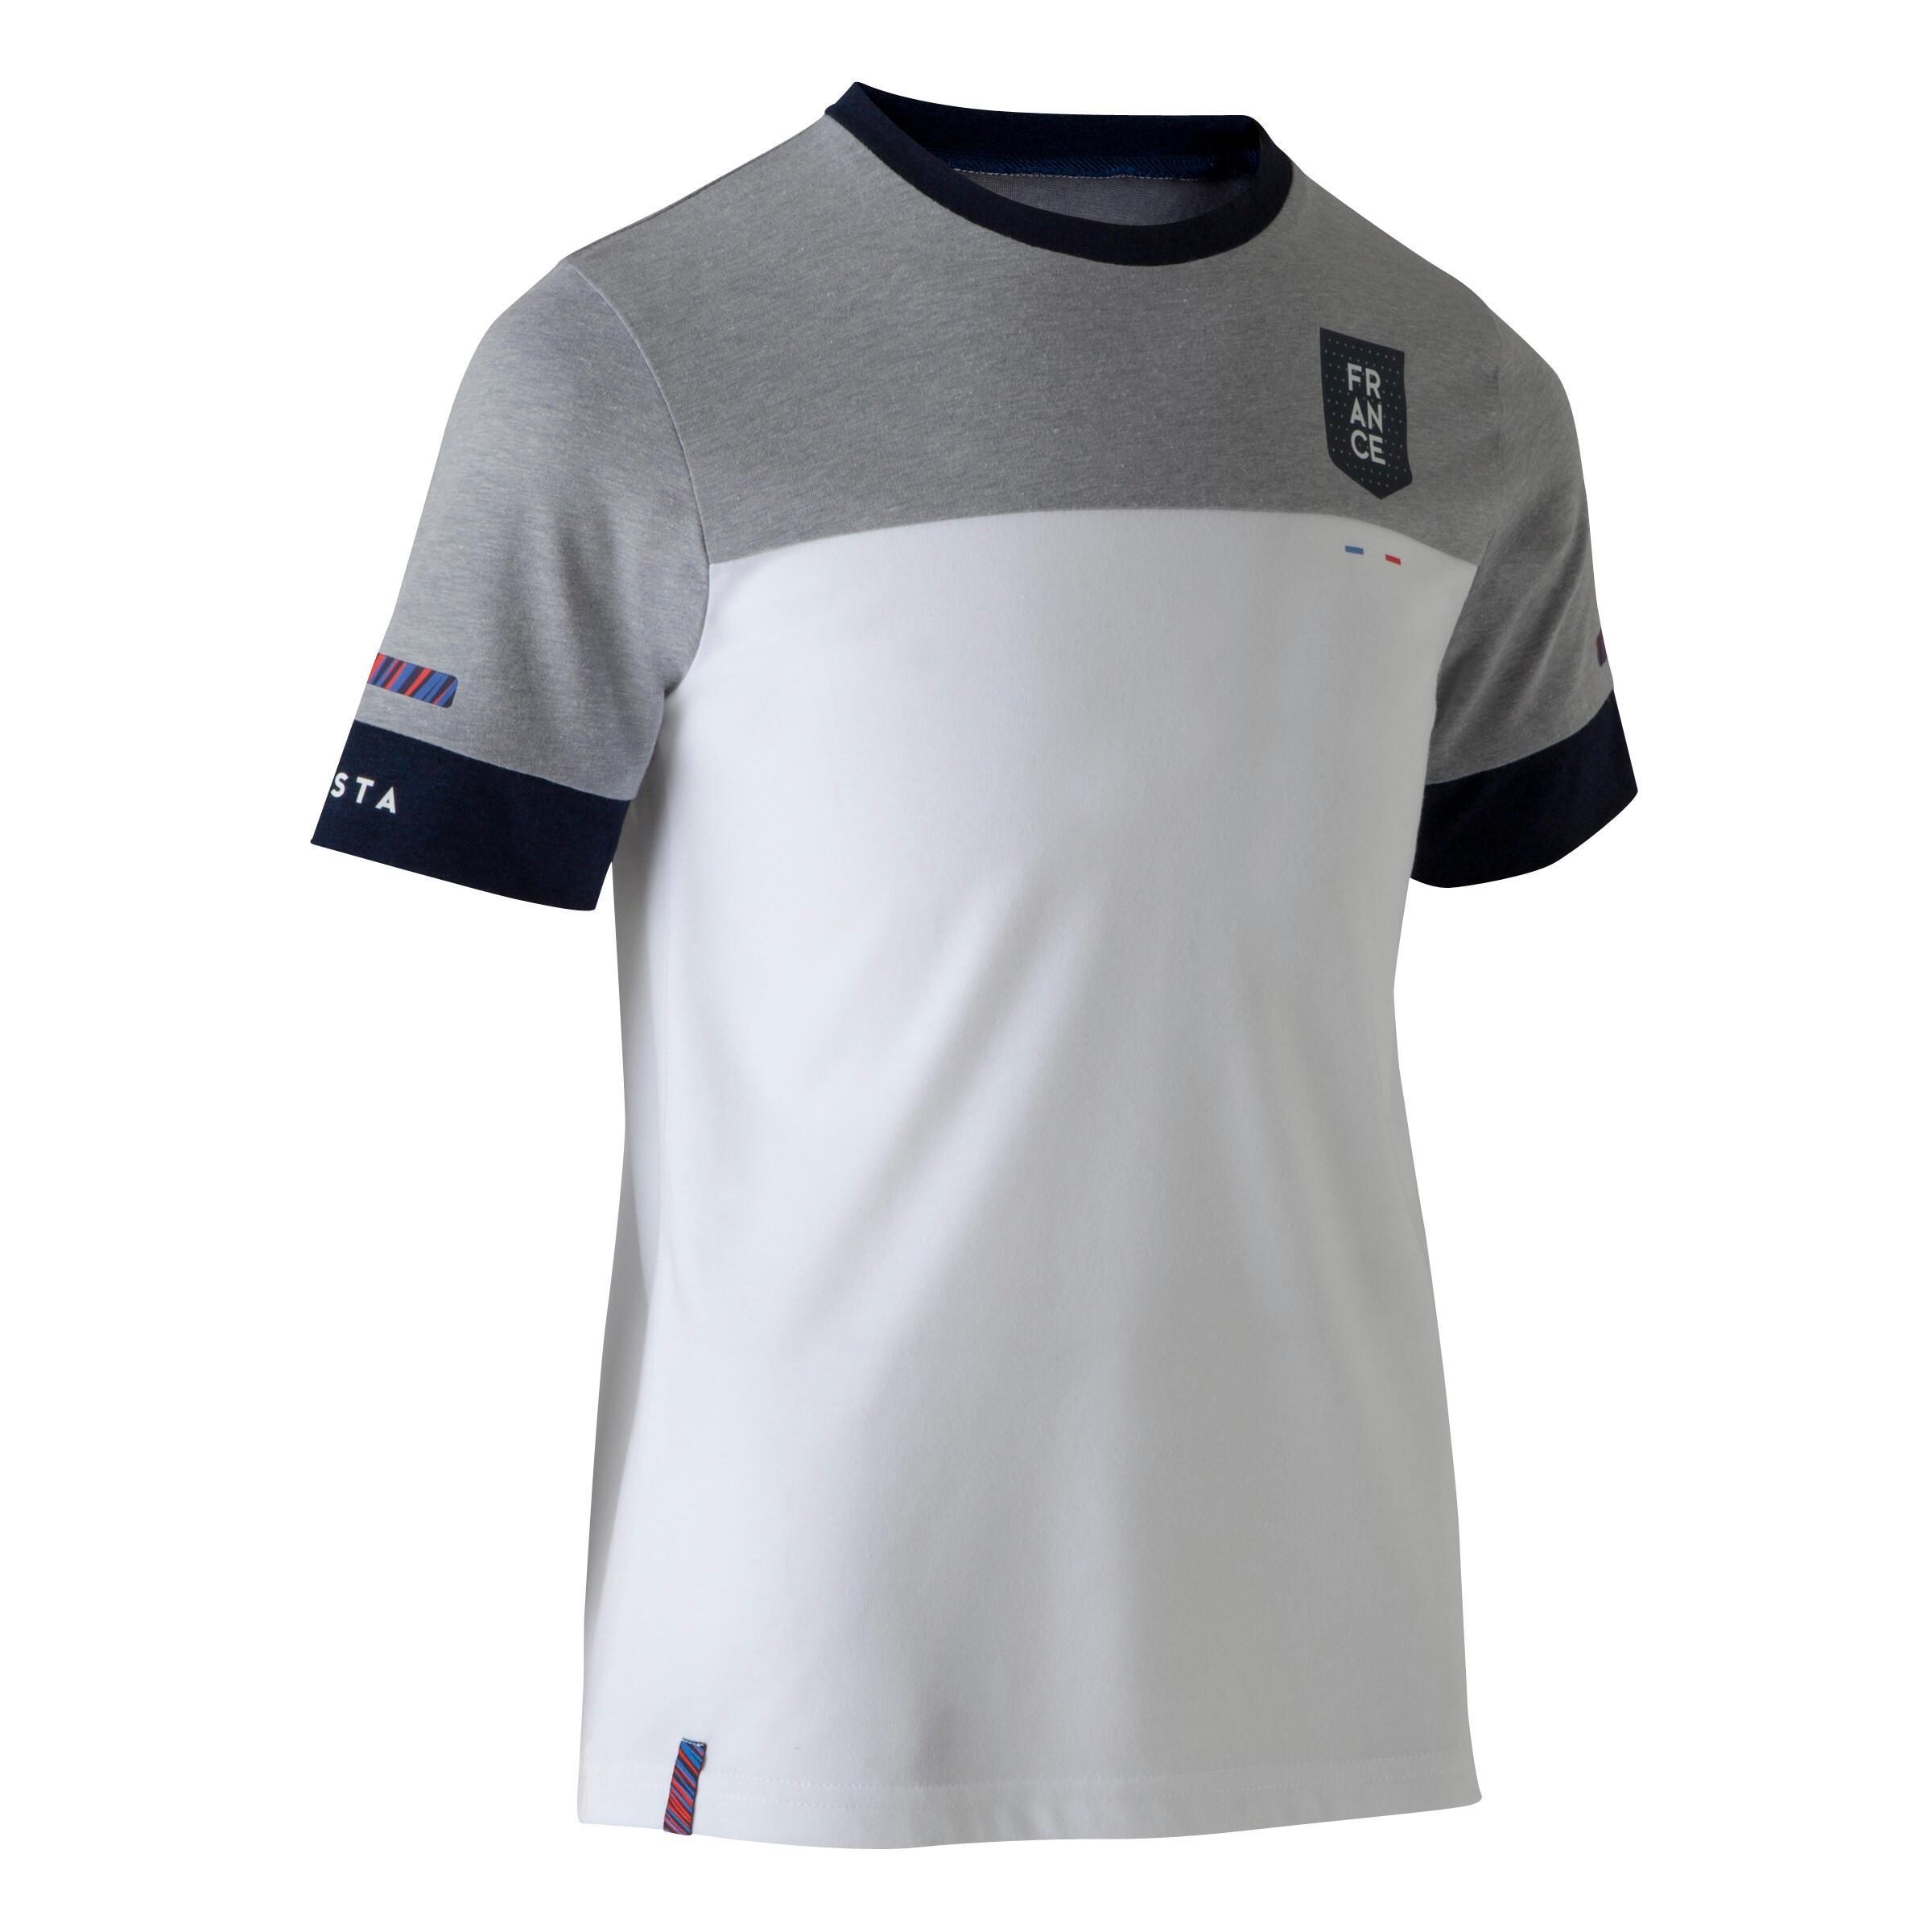 Camisetas Oficiales Selecciones y Equipos Fútbol  f55b957db9976